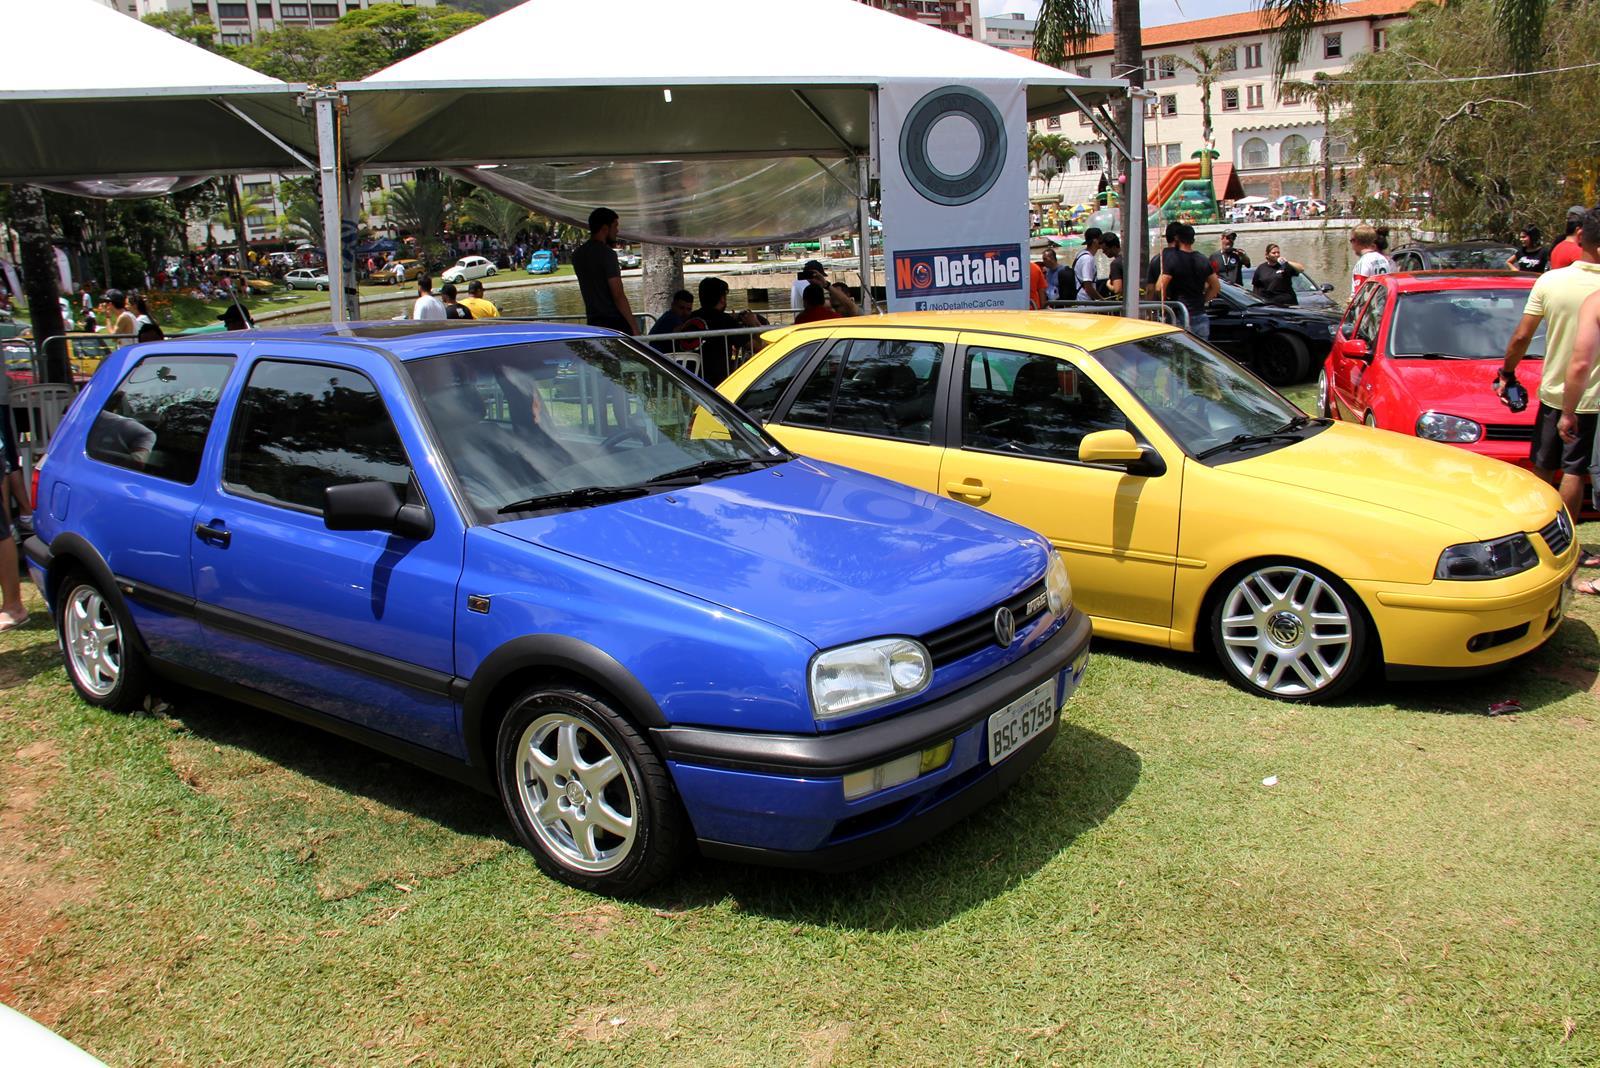 De um lado o raríssimo Golf VR6 importado do México a partir de 1995 com motor 2.8 de 174 cv, do outro o Gol GTI com motor 1.0 16V Turbo de 2000, que vendeu muito pouco